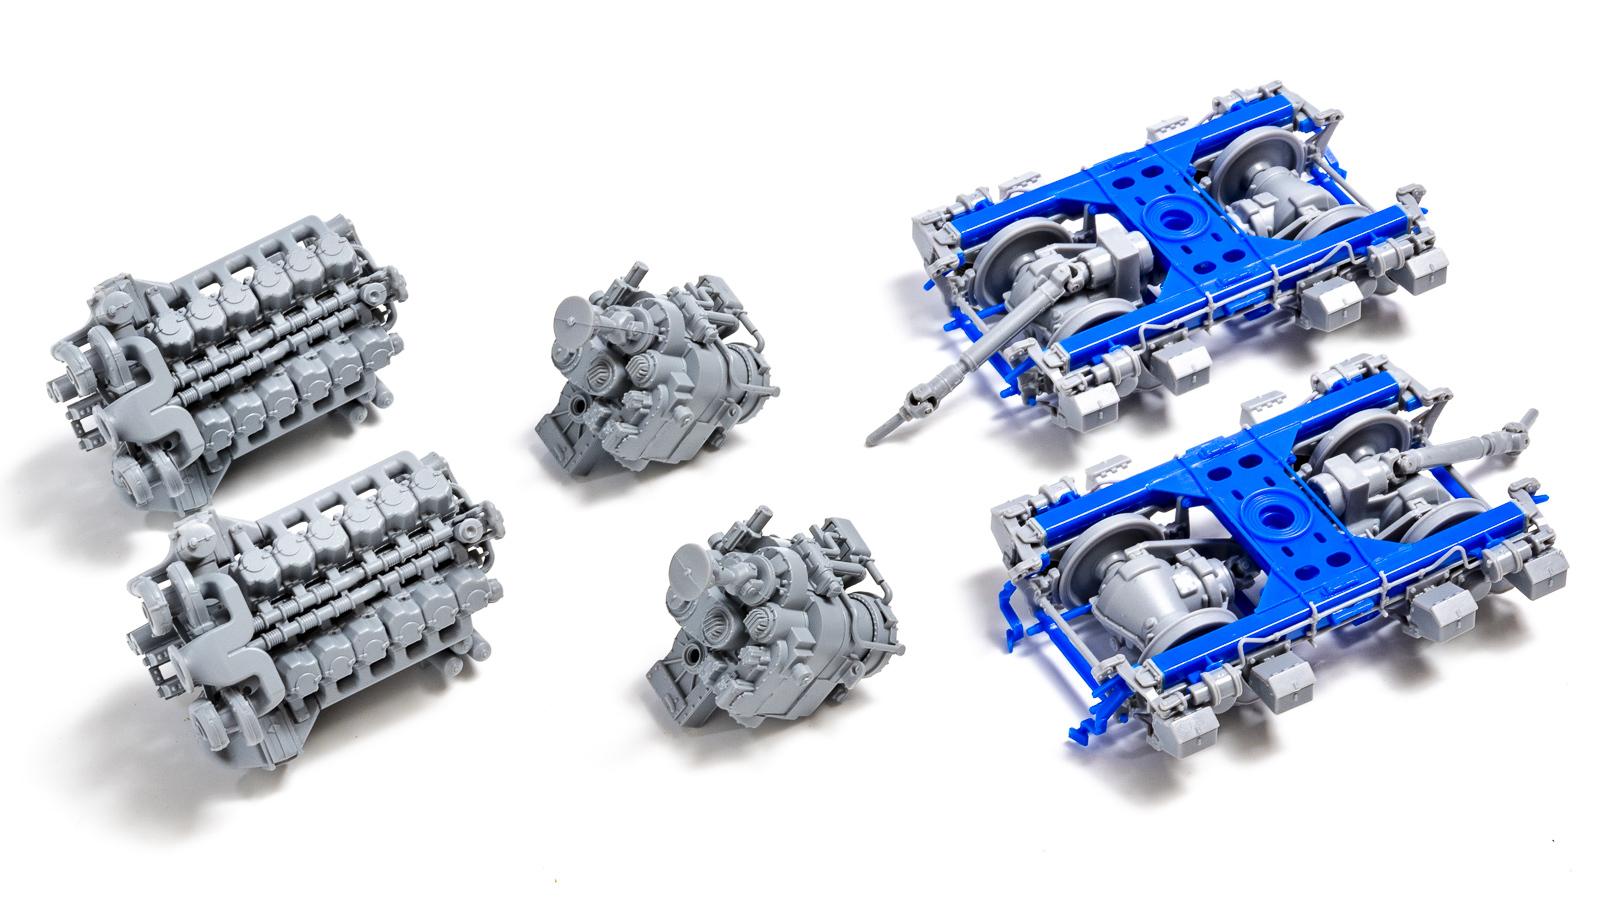 アオシマの放つ「超巨大な電気機関車のプラモデル」、トレミュEF66の細部に迫る【前編】_b0029315_17450784.jpg